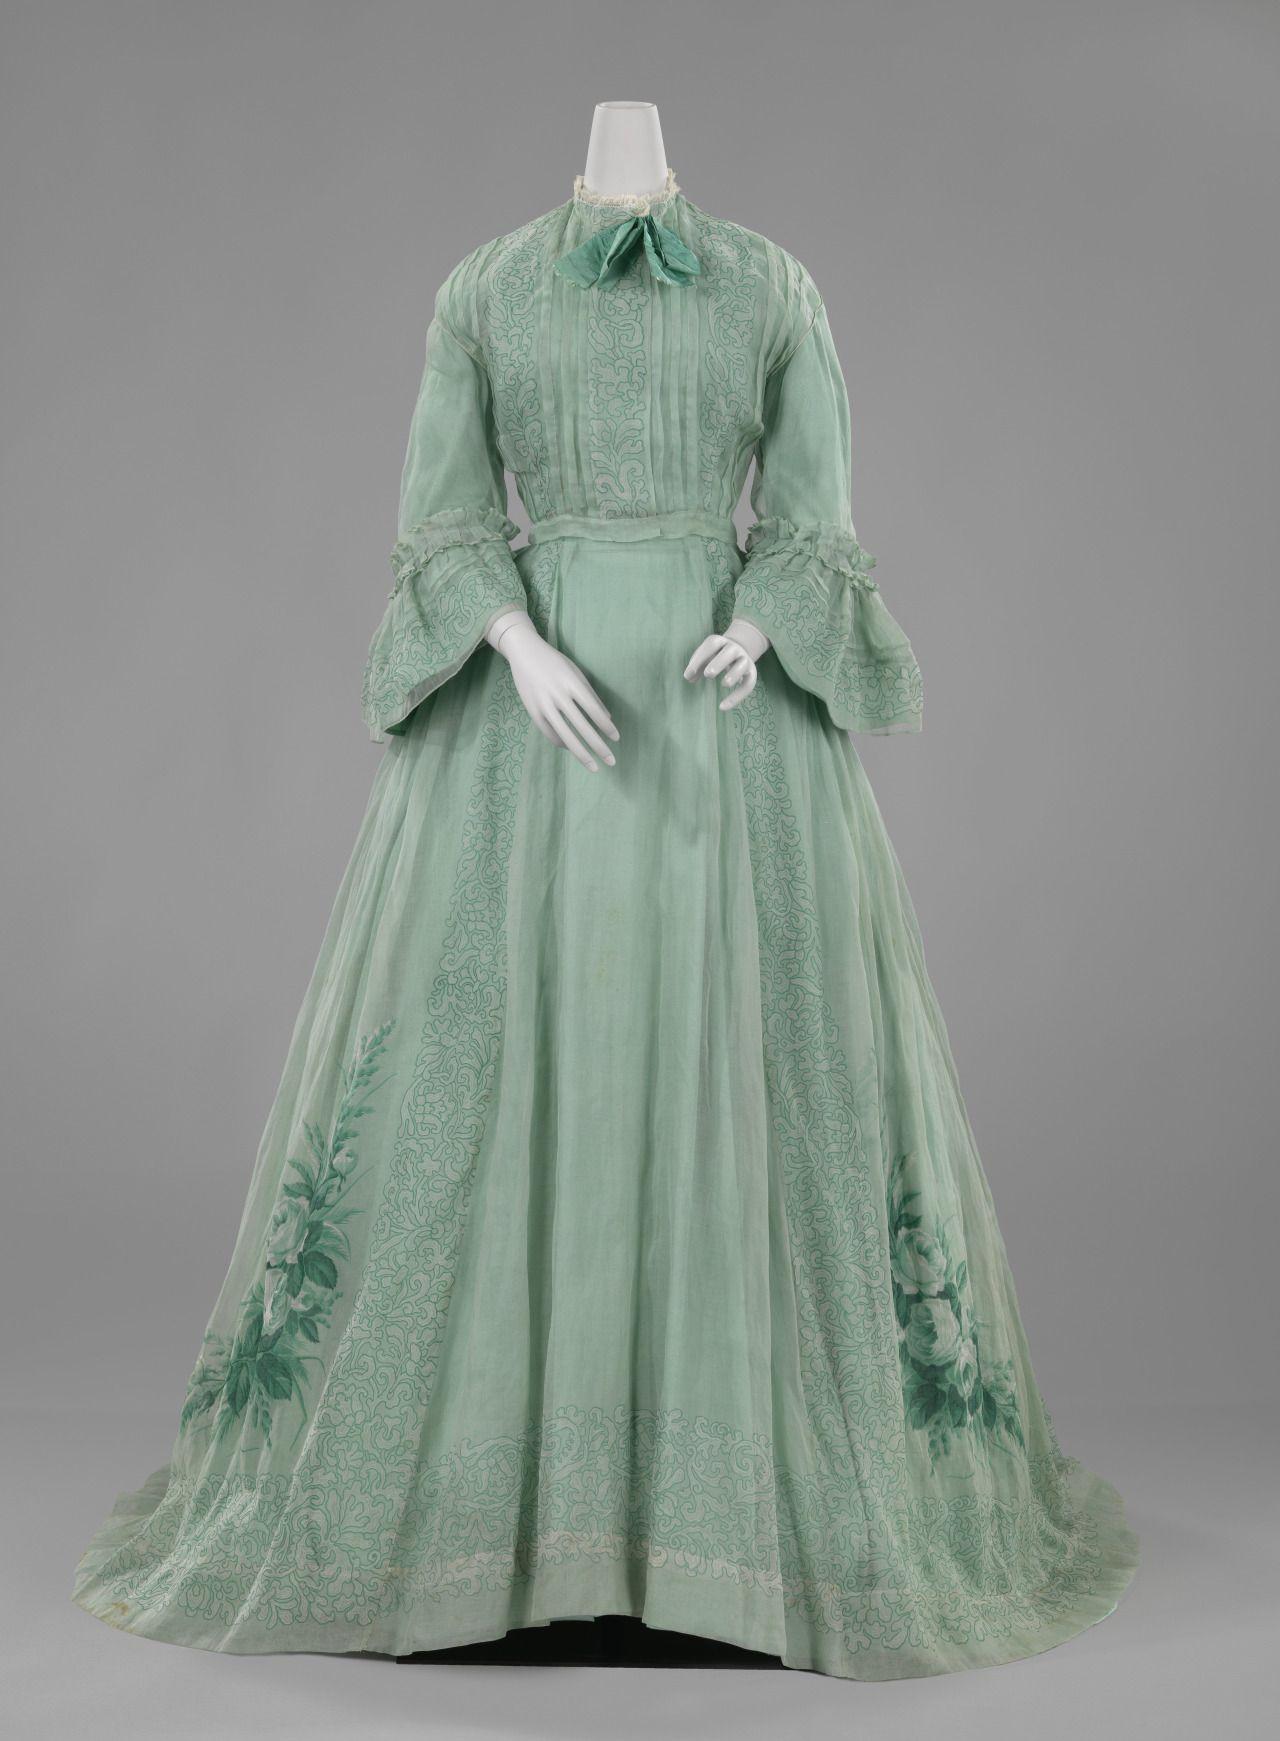 cotton, textile c. 1863 - c. 1866